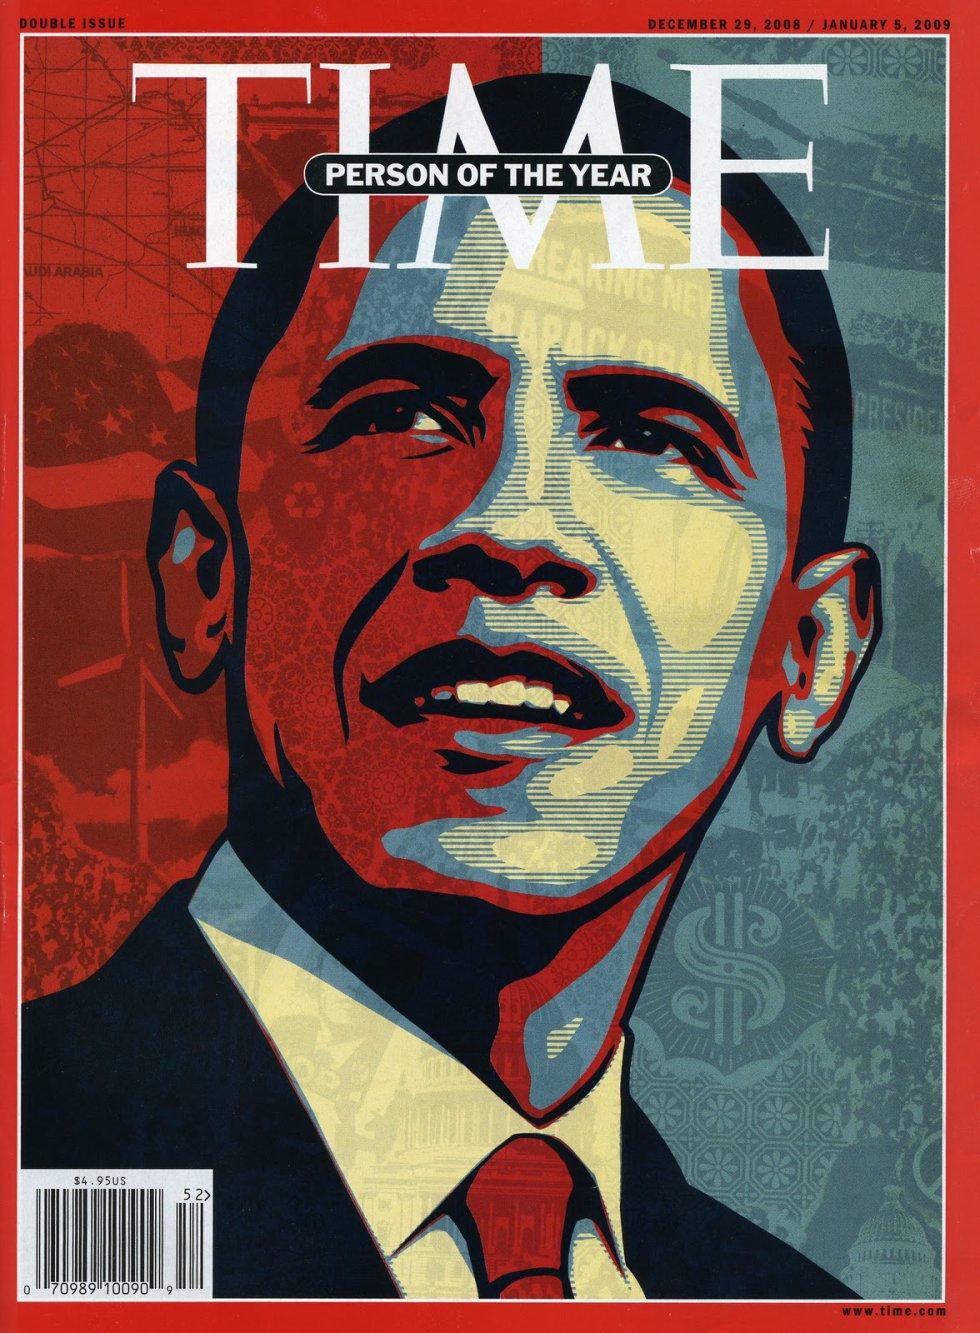 El primer presidente negro de EEUU fue la persona del año para Time